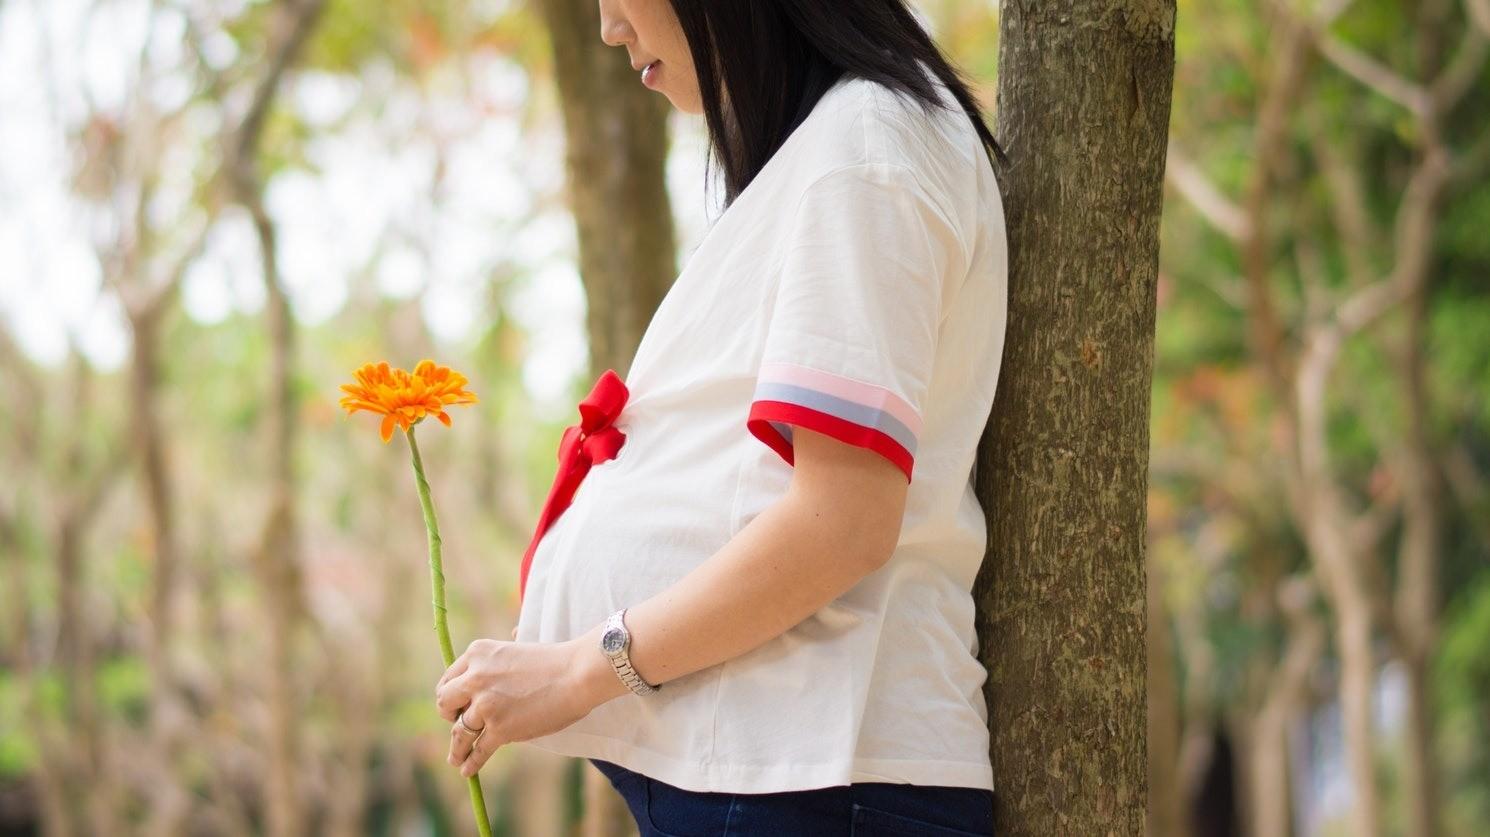 Симптомы на ранних сроках беременности: чего стоит бояться?